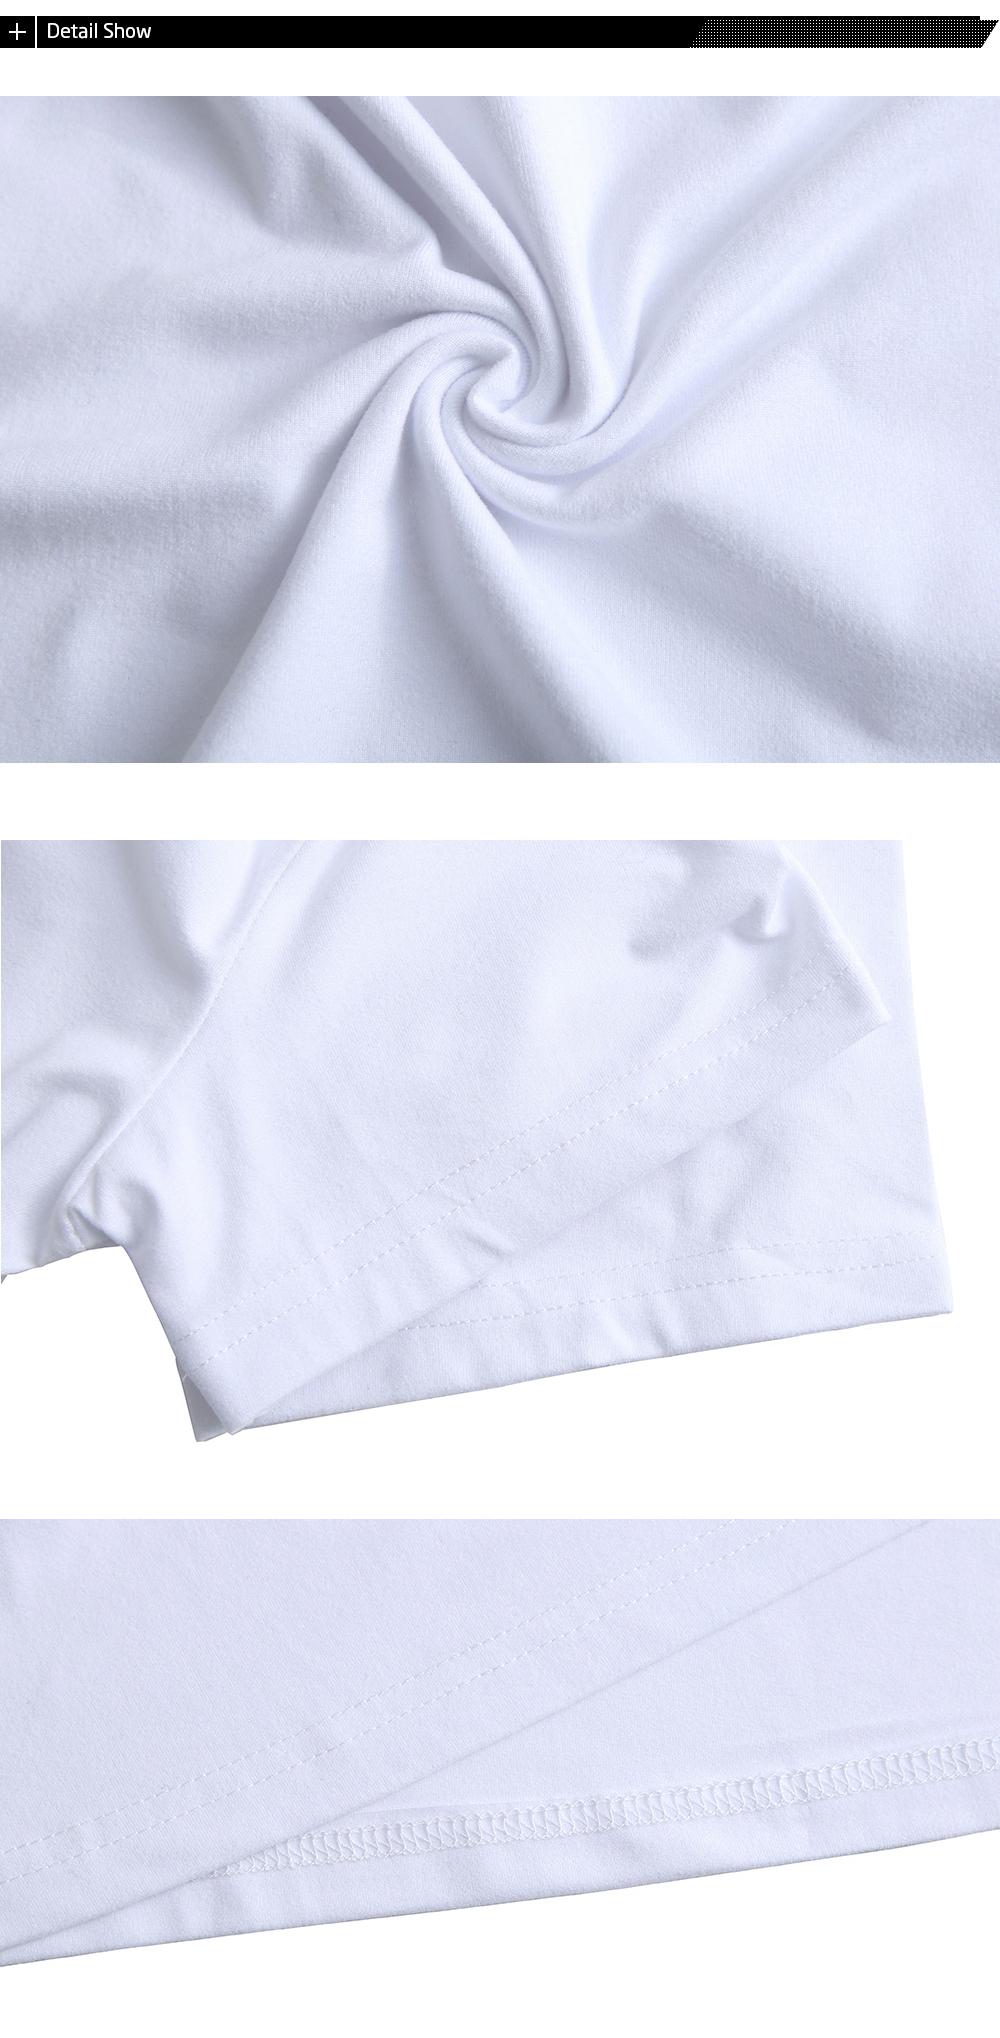 HTB1SR2WRpXXXXaOaXXXq6xXFXXXU - Vintage Paris Girl T Shirt For Women Camiseta Top Retro